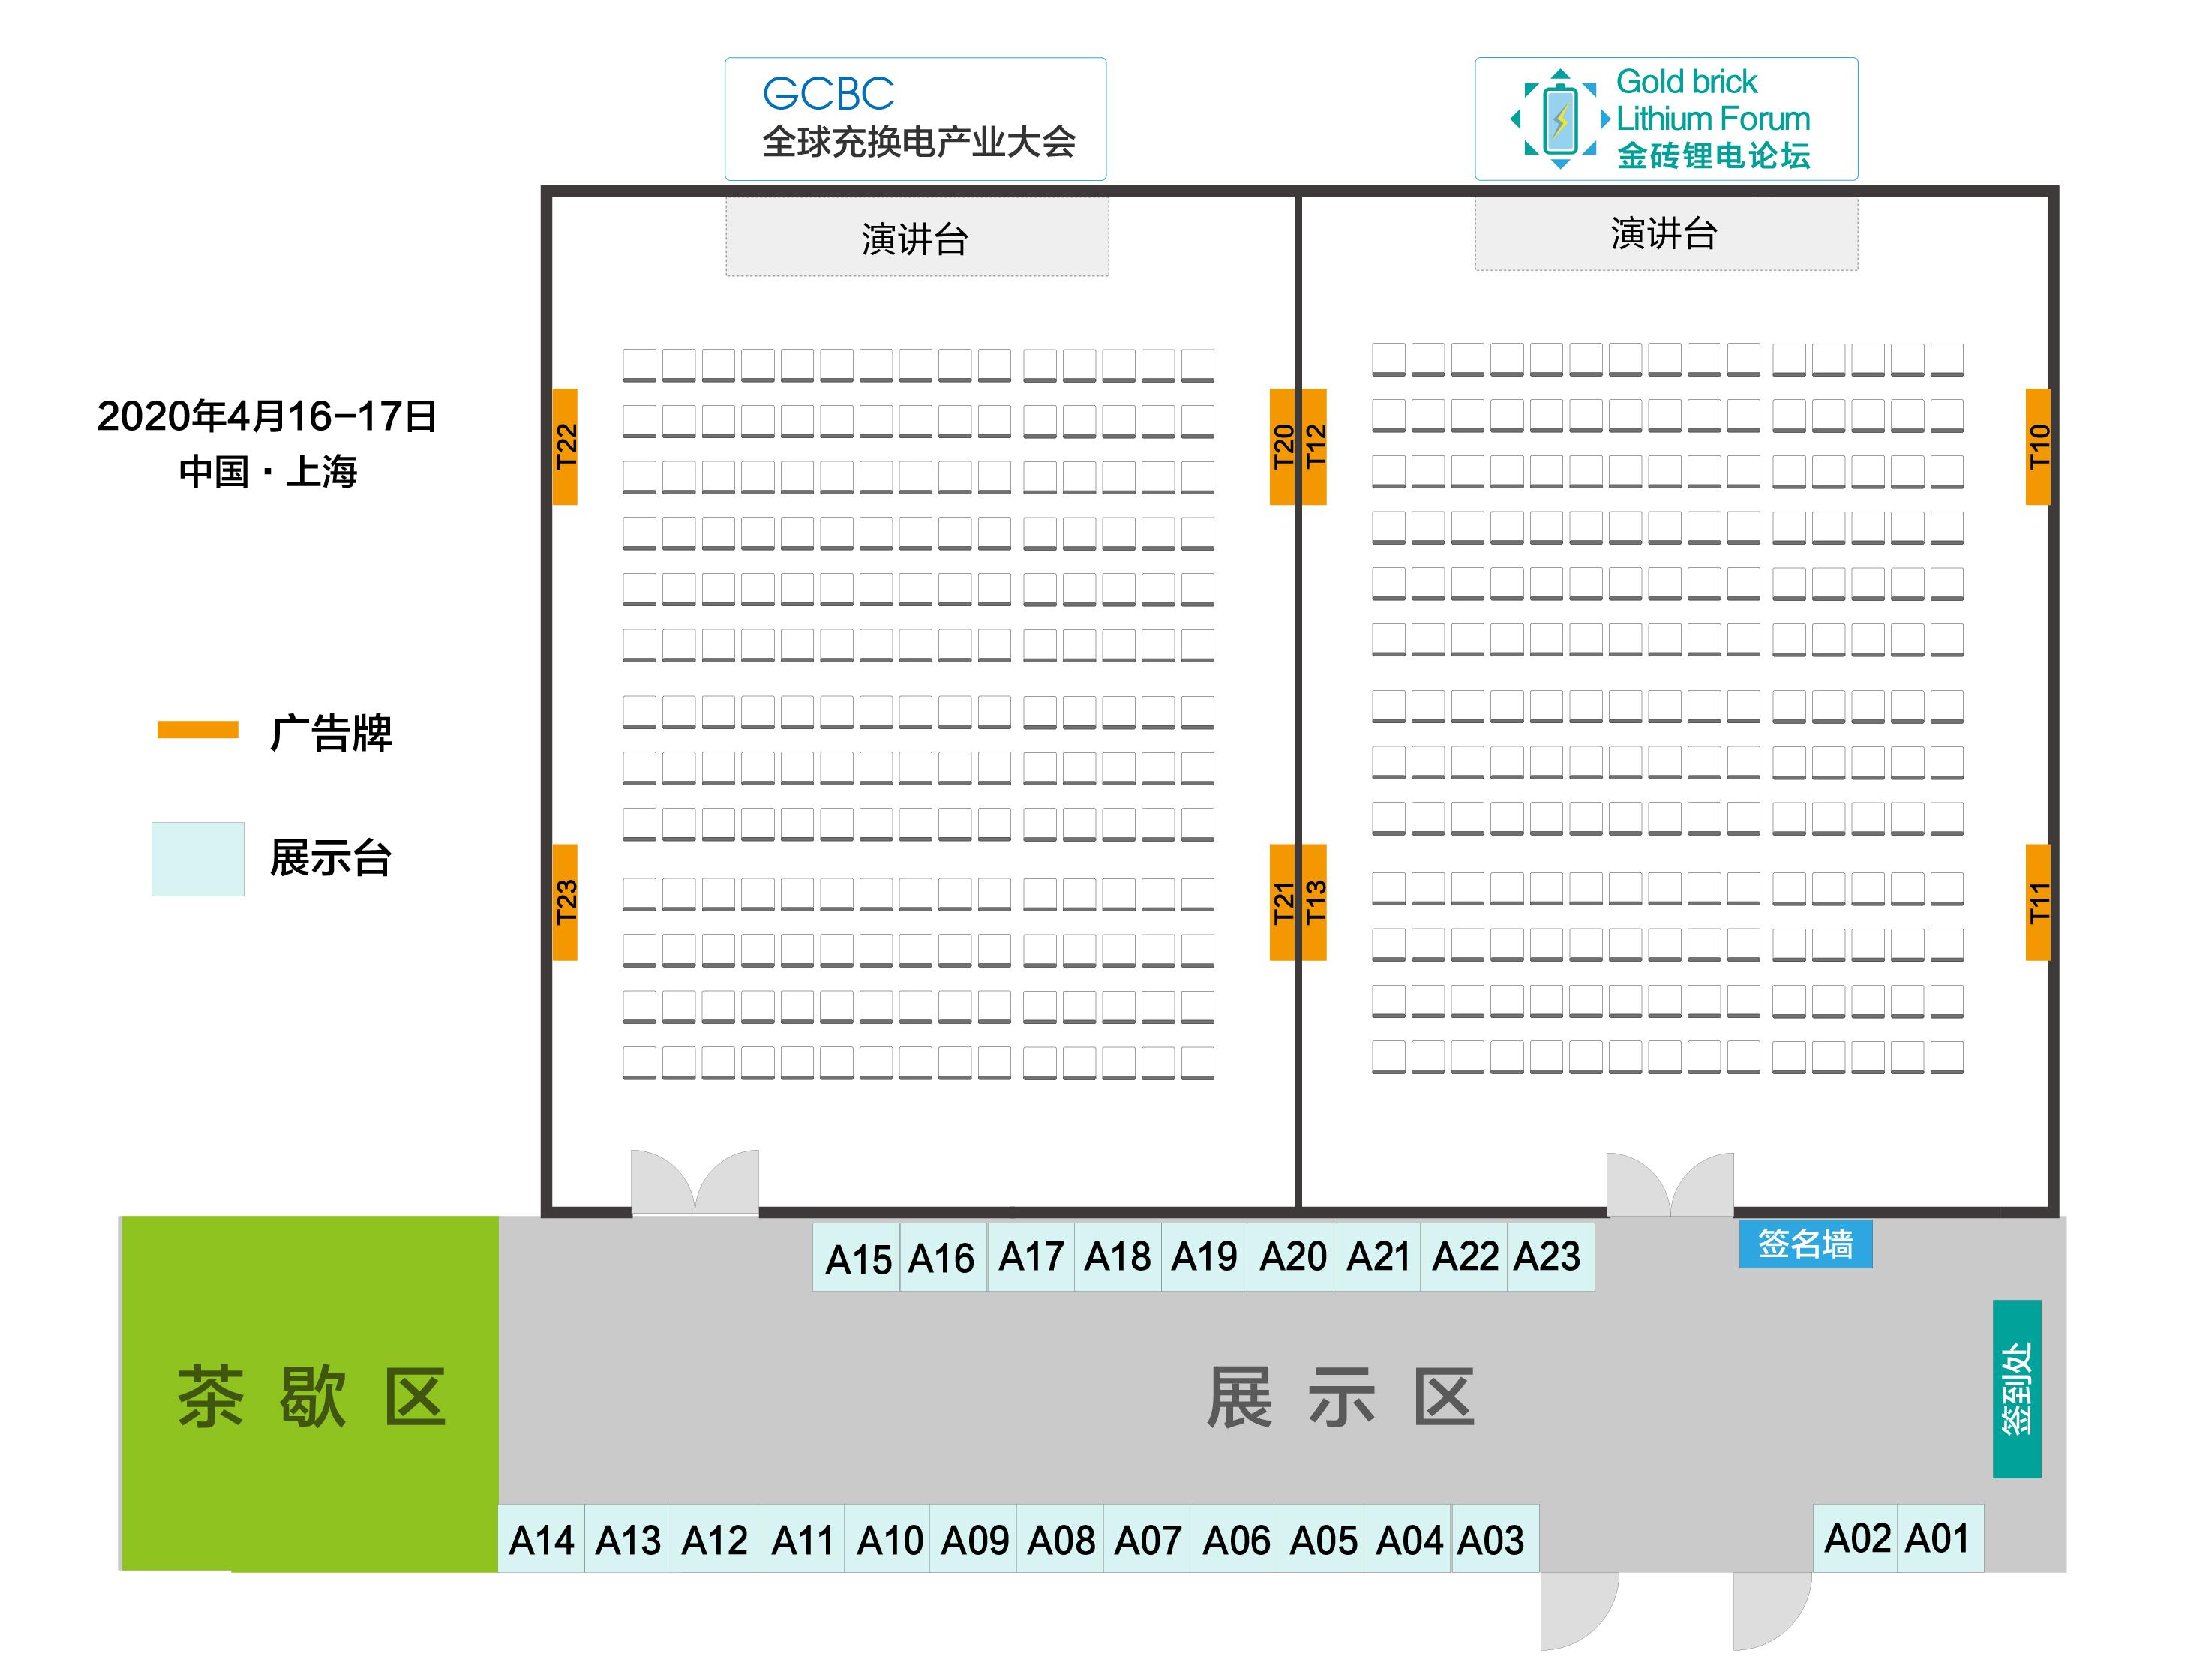 2020上海论坛布局图 (1).jpg